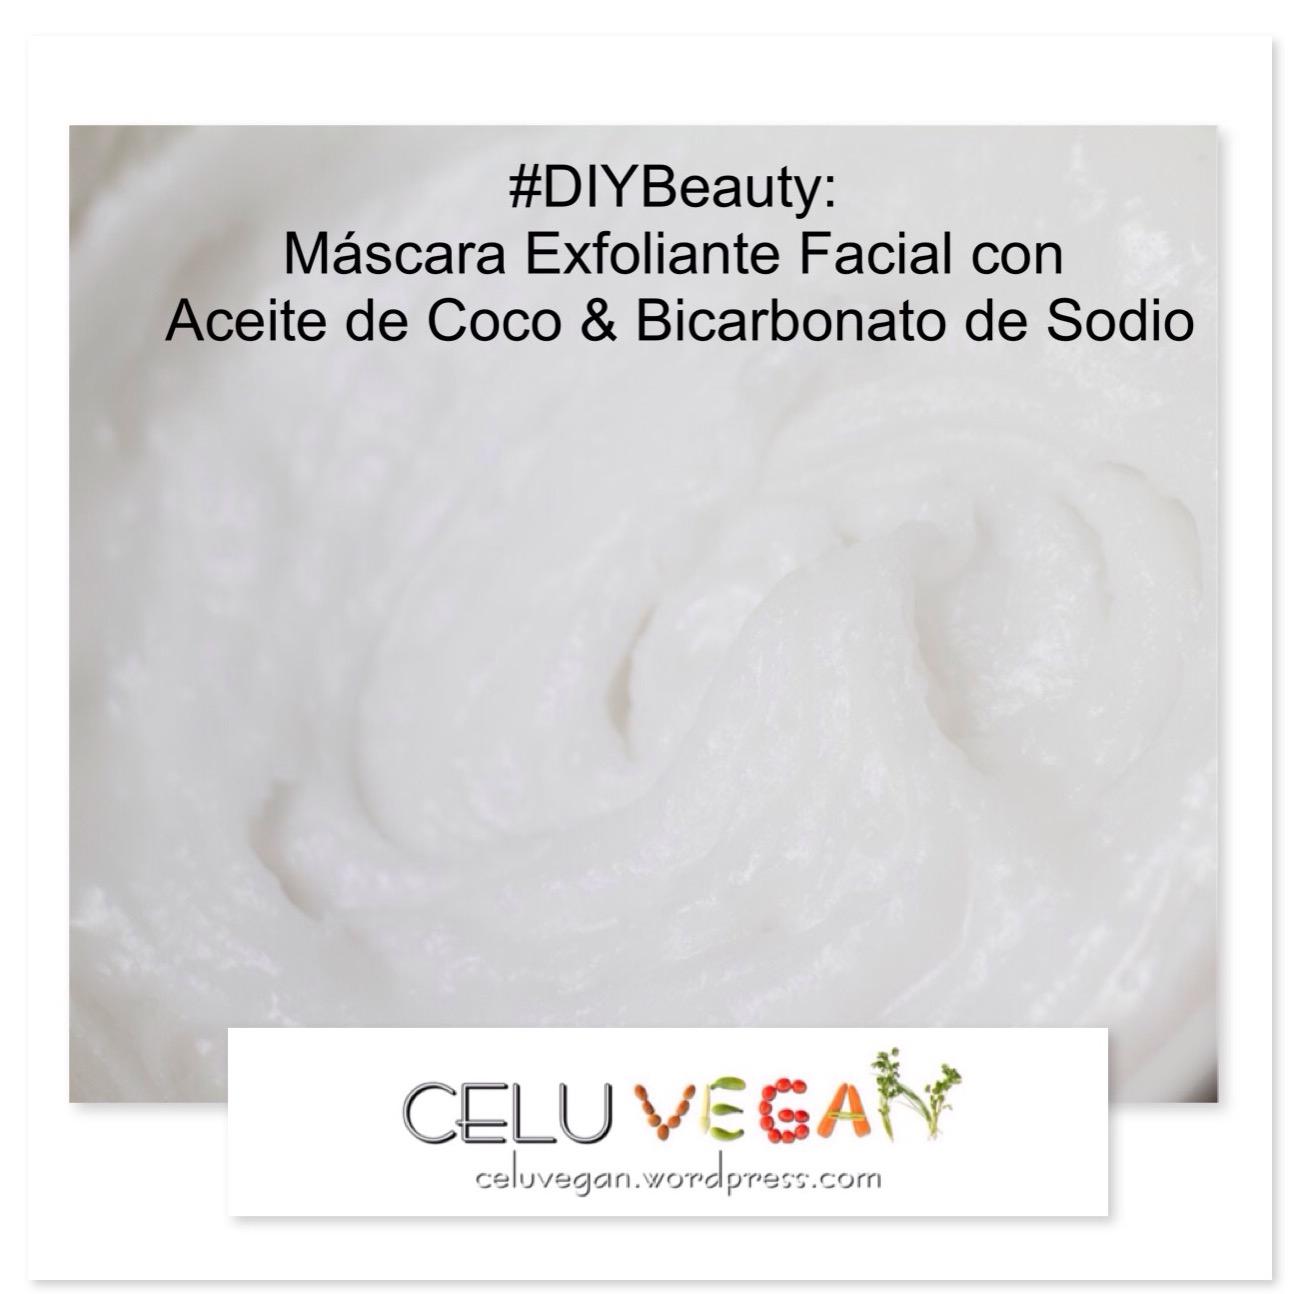 diy-exfoliante-limpiador-facial-aceite-coco-bicarbonato-sodio